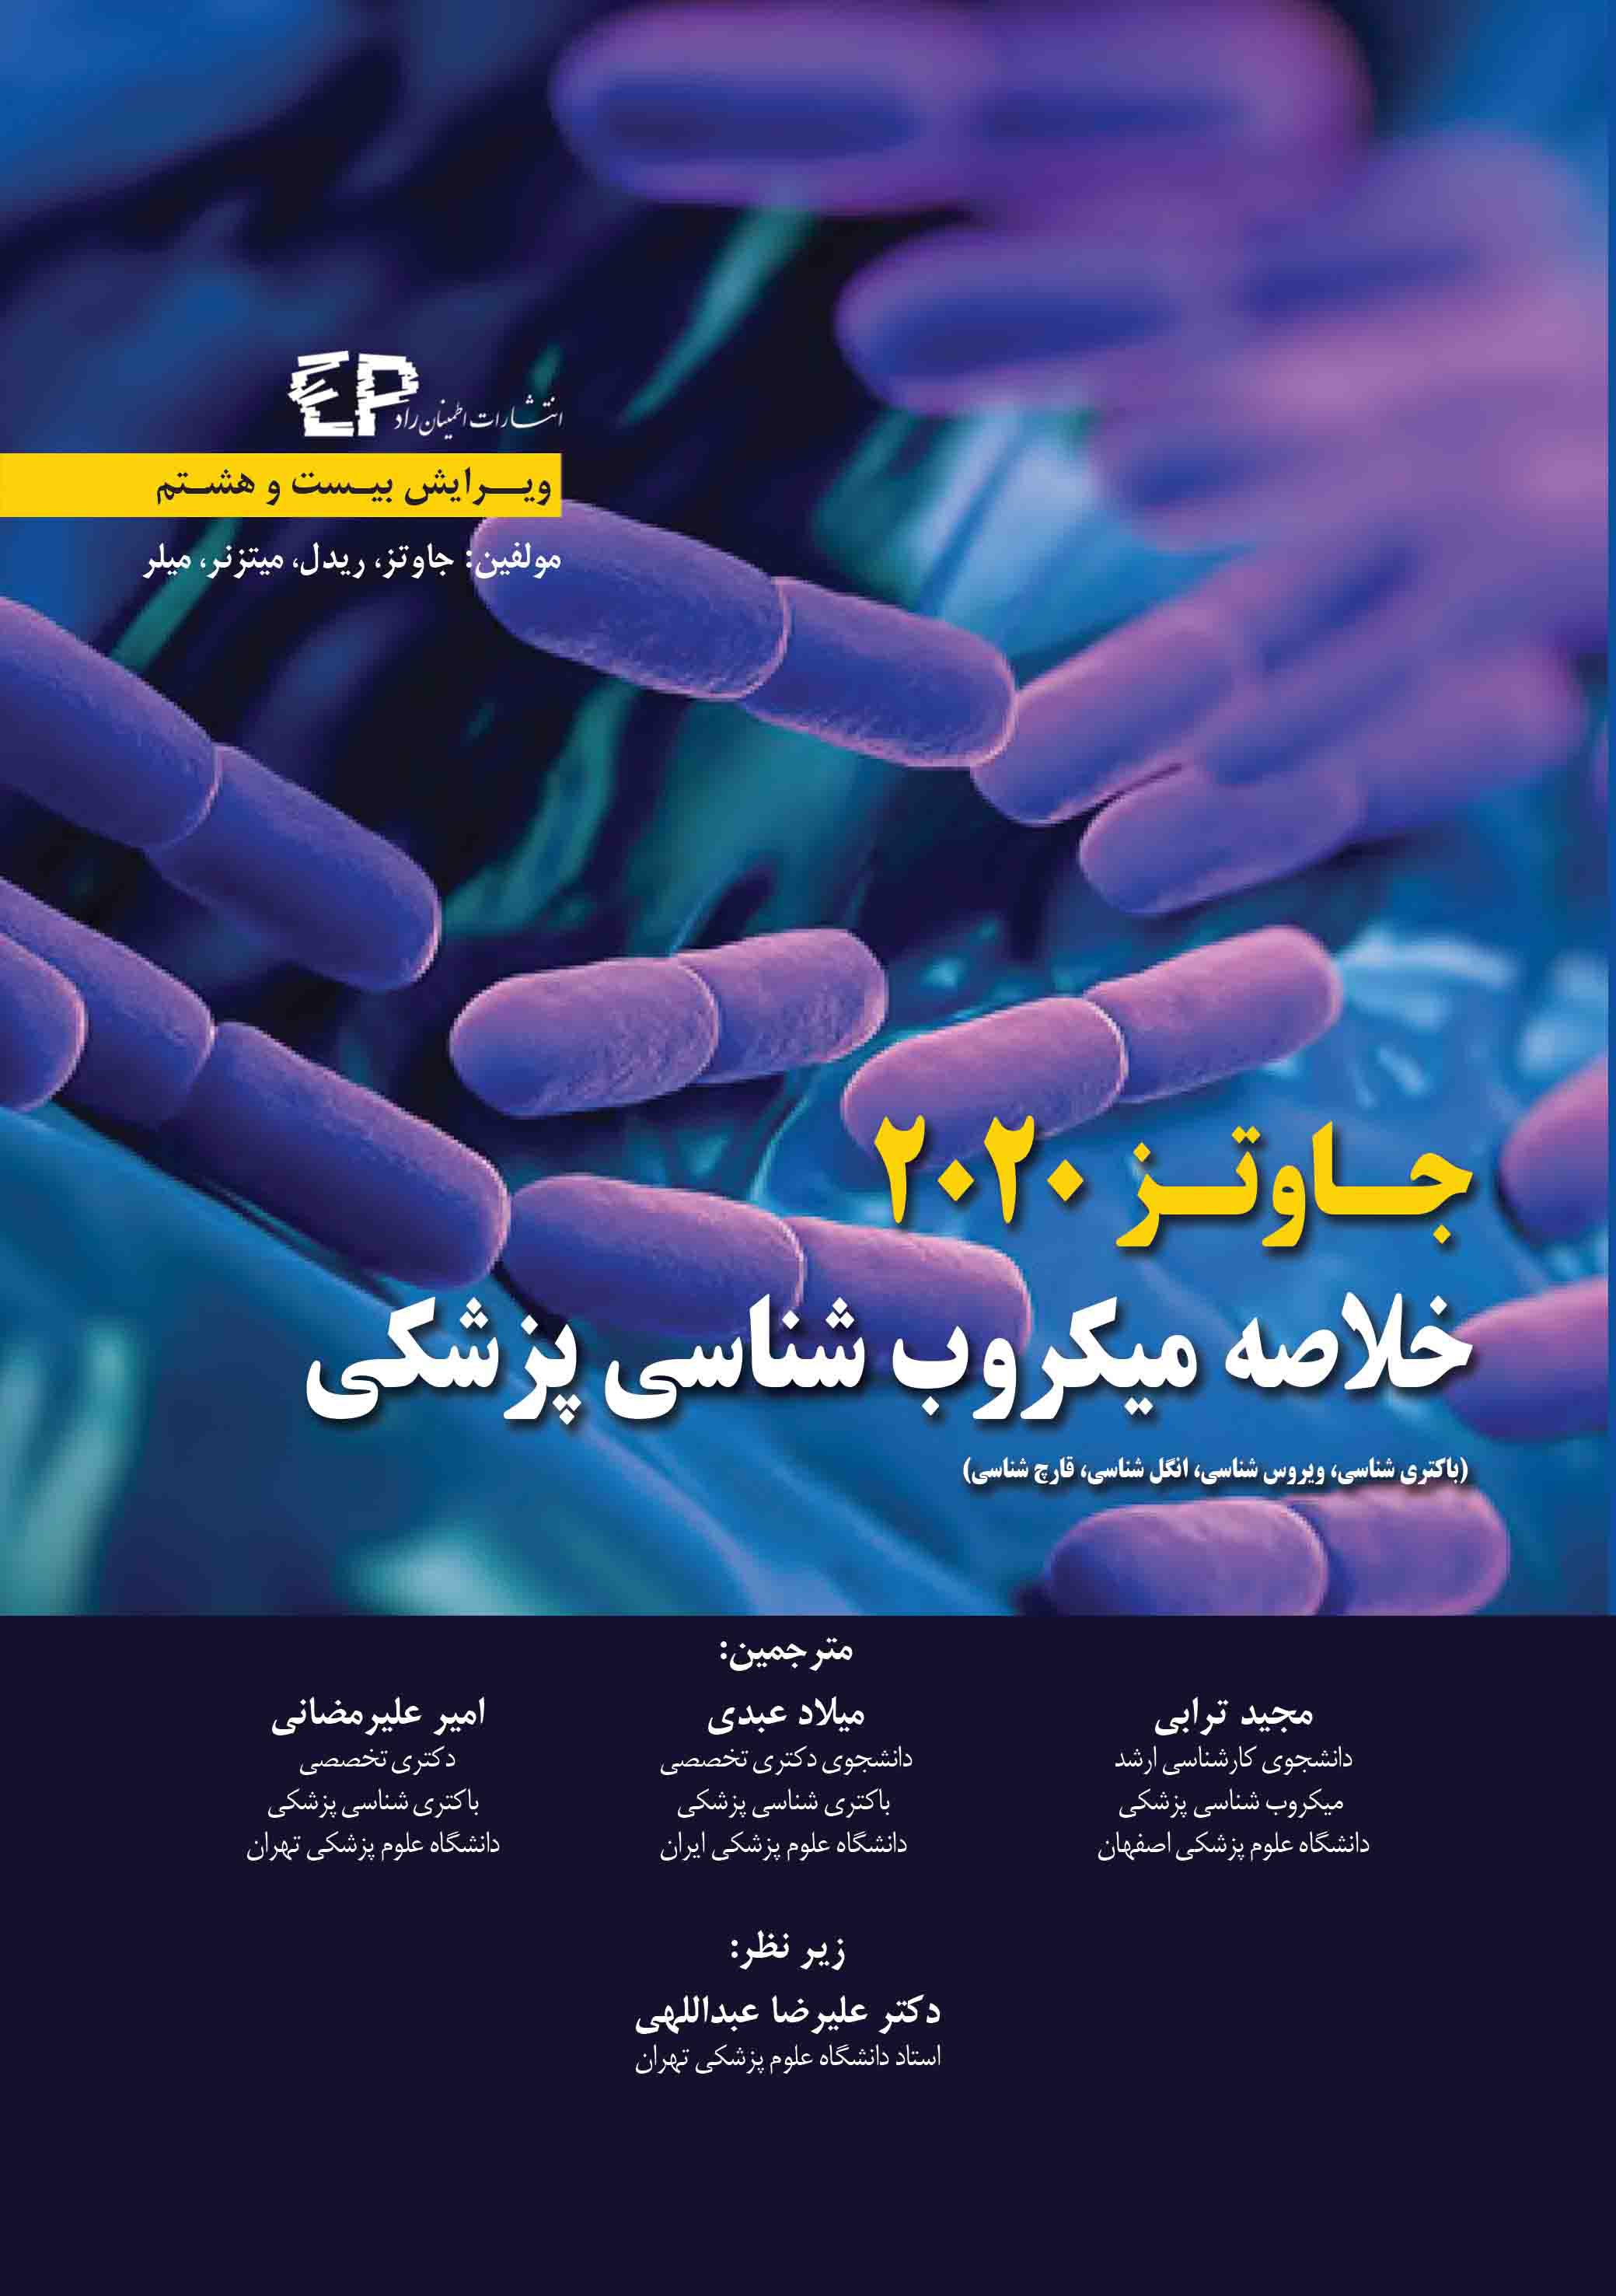 خلاصه میکروب شناسی پزشکی جاوتز (باکتری شناسی، ویروس شناسی، انگل شناسی، قارچ شناسی)- ویرایش بیست و هشتم ۲۰۲۰